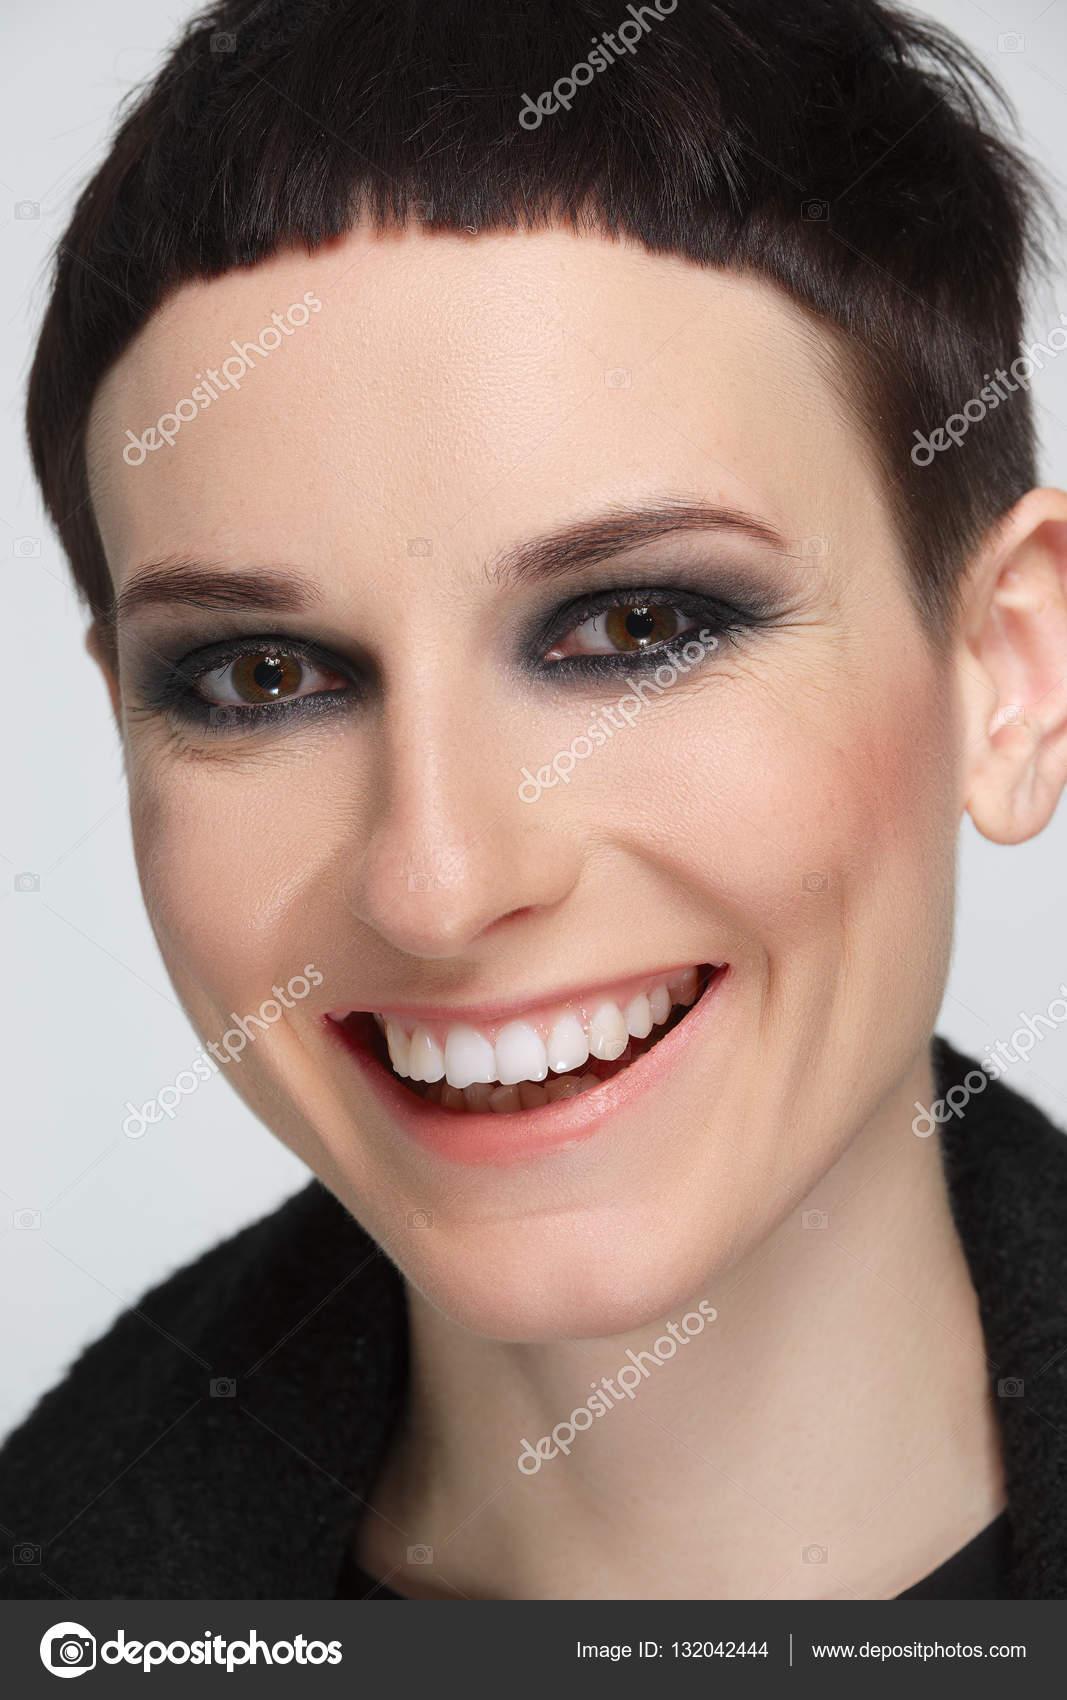 Dość Młoda Kobieta Z Krótkie Czarne Włosy W Czarny Ciepły Płaszcz